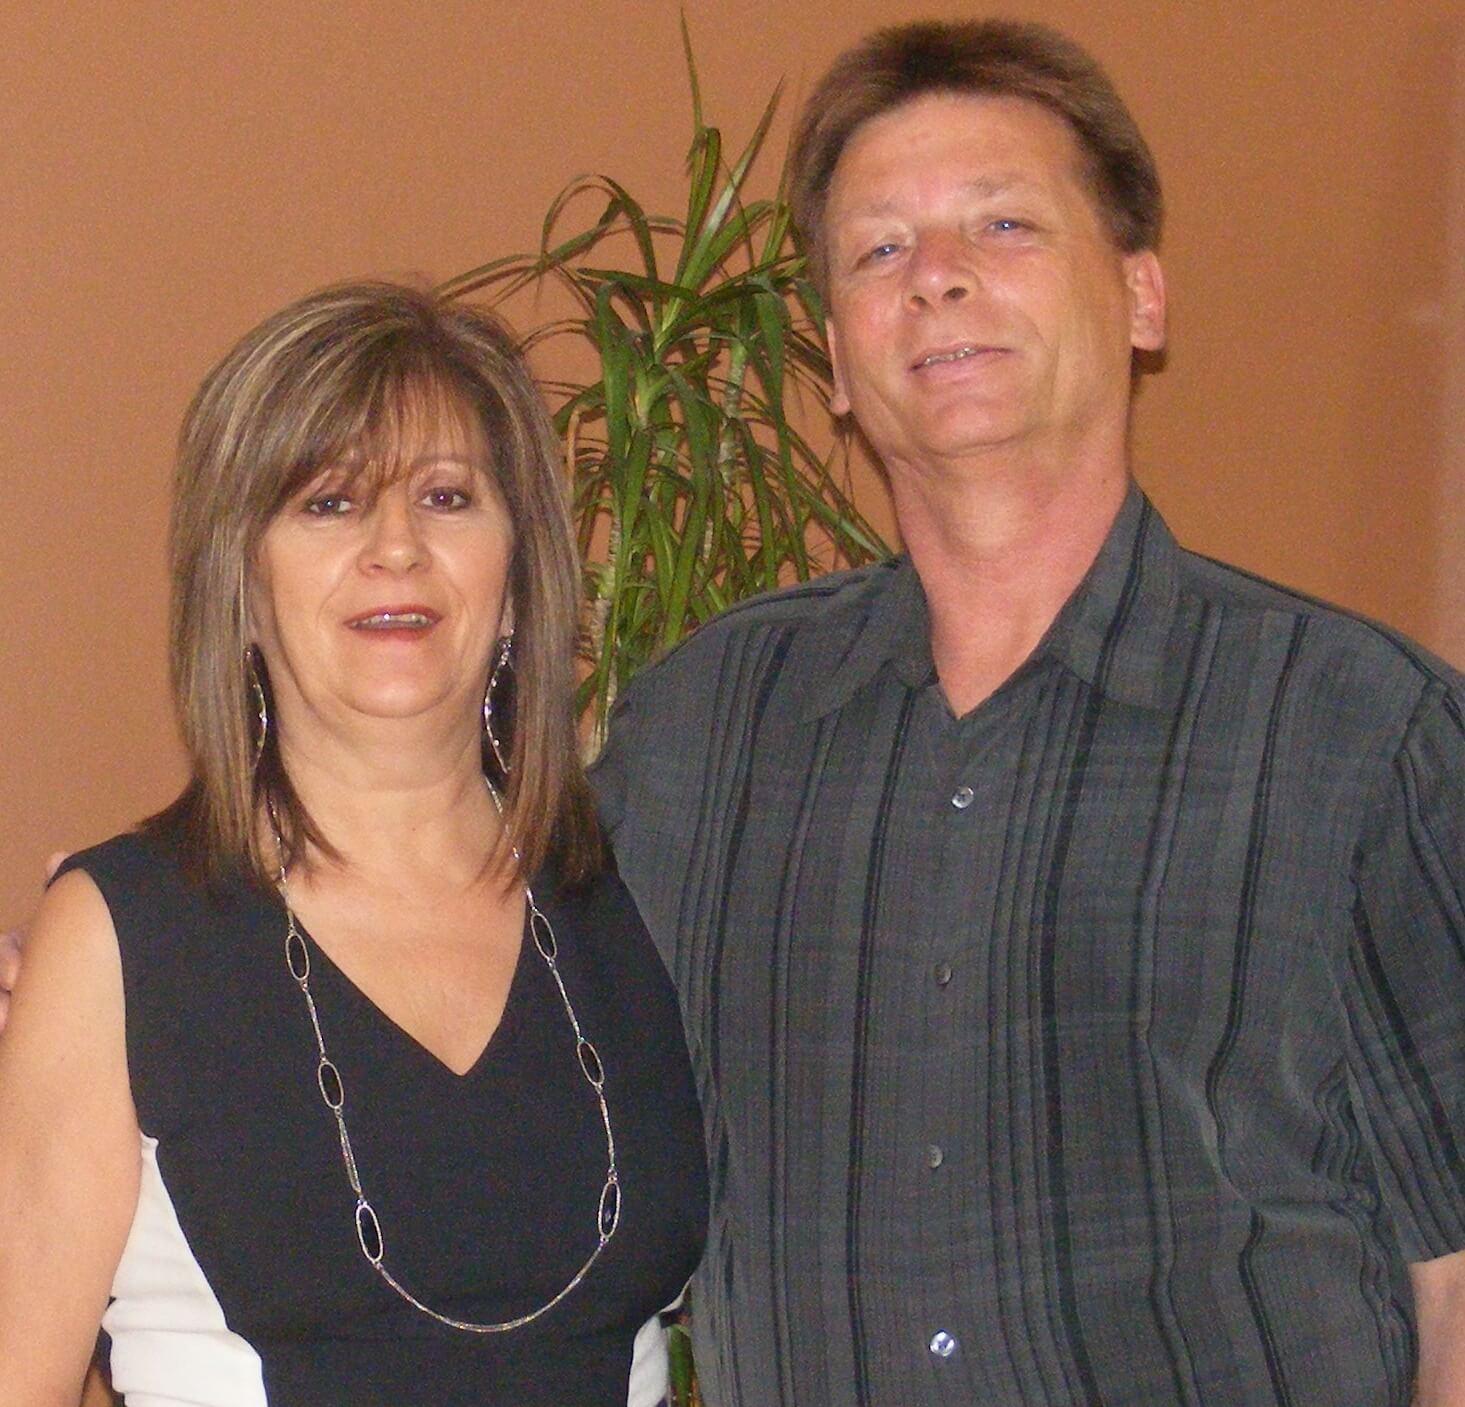 John and Tina Golloher